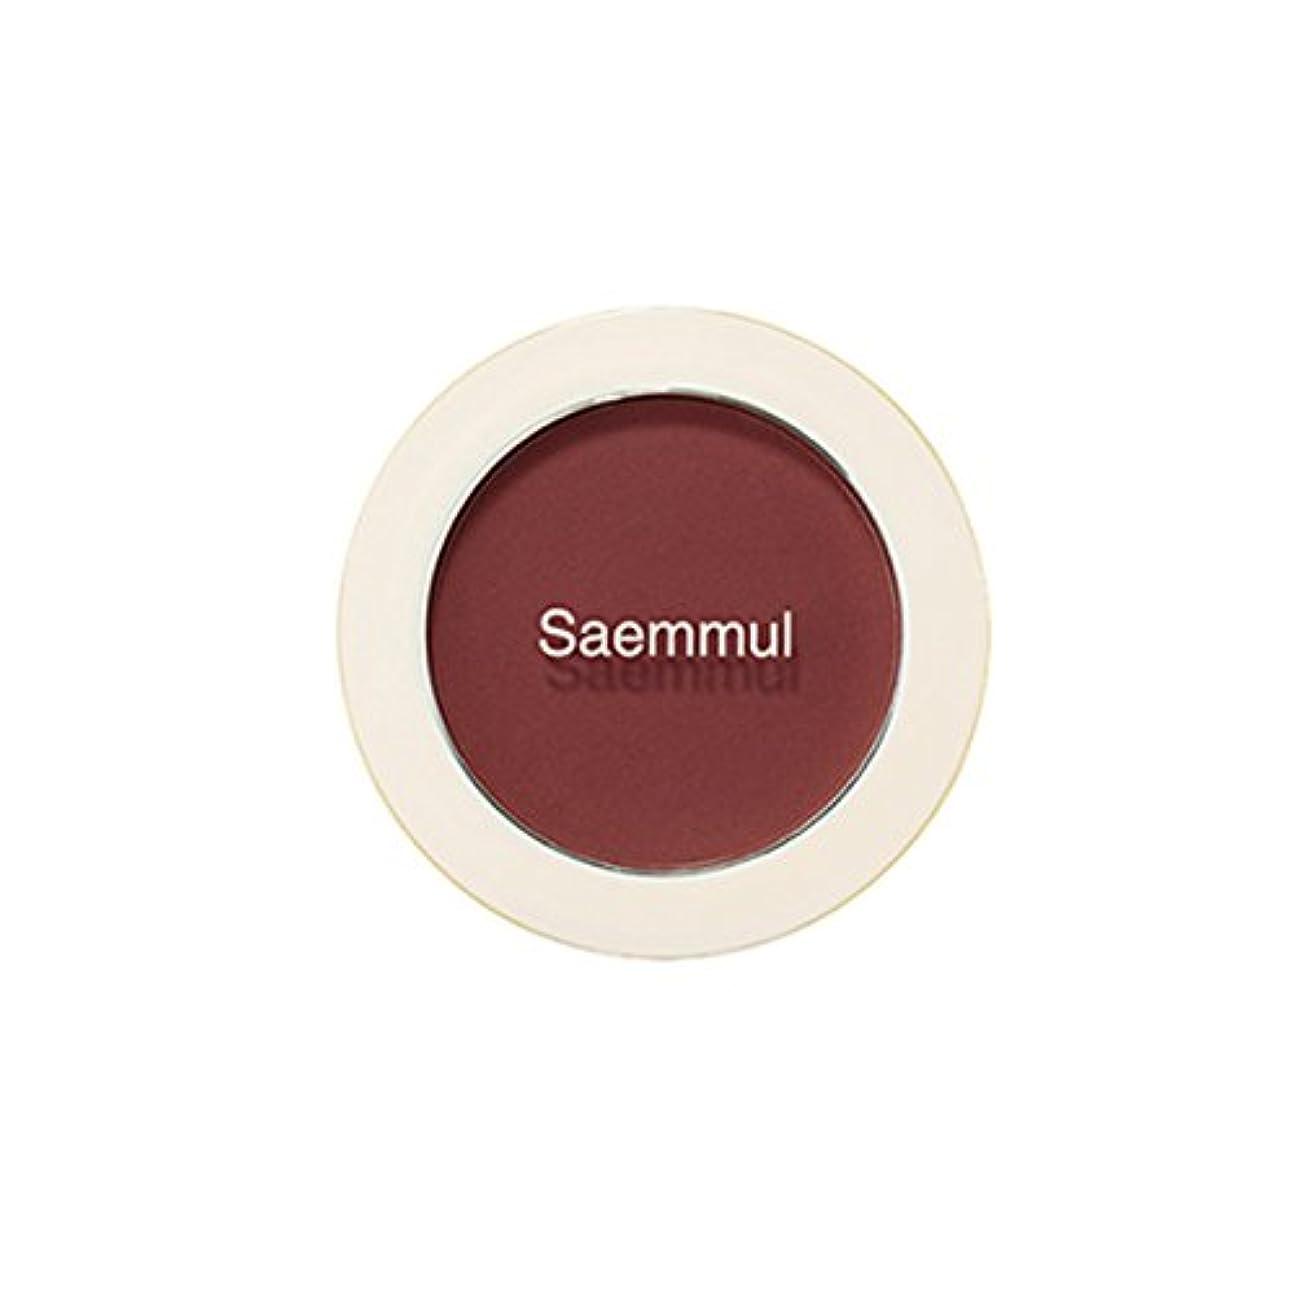 厚くする不注意ピン[ザセム] The Saem セムムル シングル チーク Saemmul Single Blusher (海外直送品) (?RD02ドライローズ) [並行輸入品]